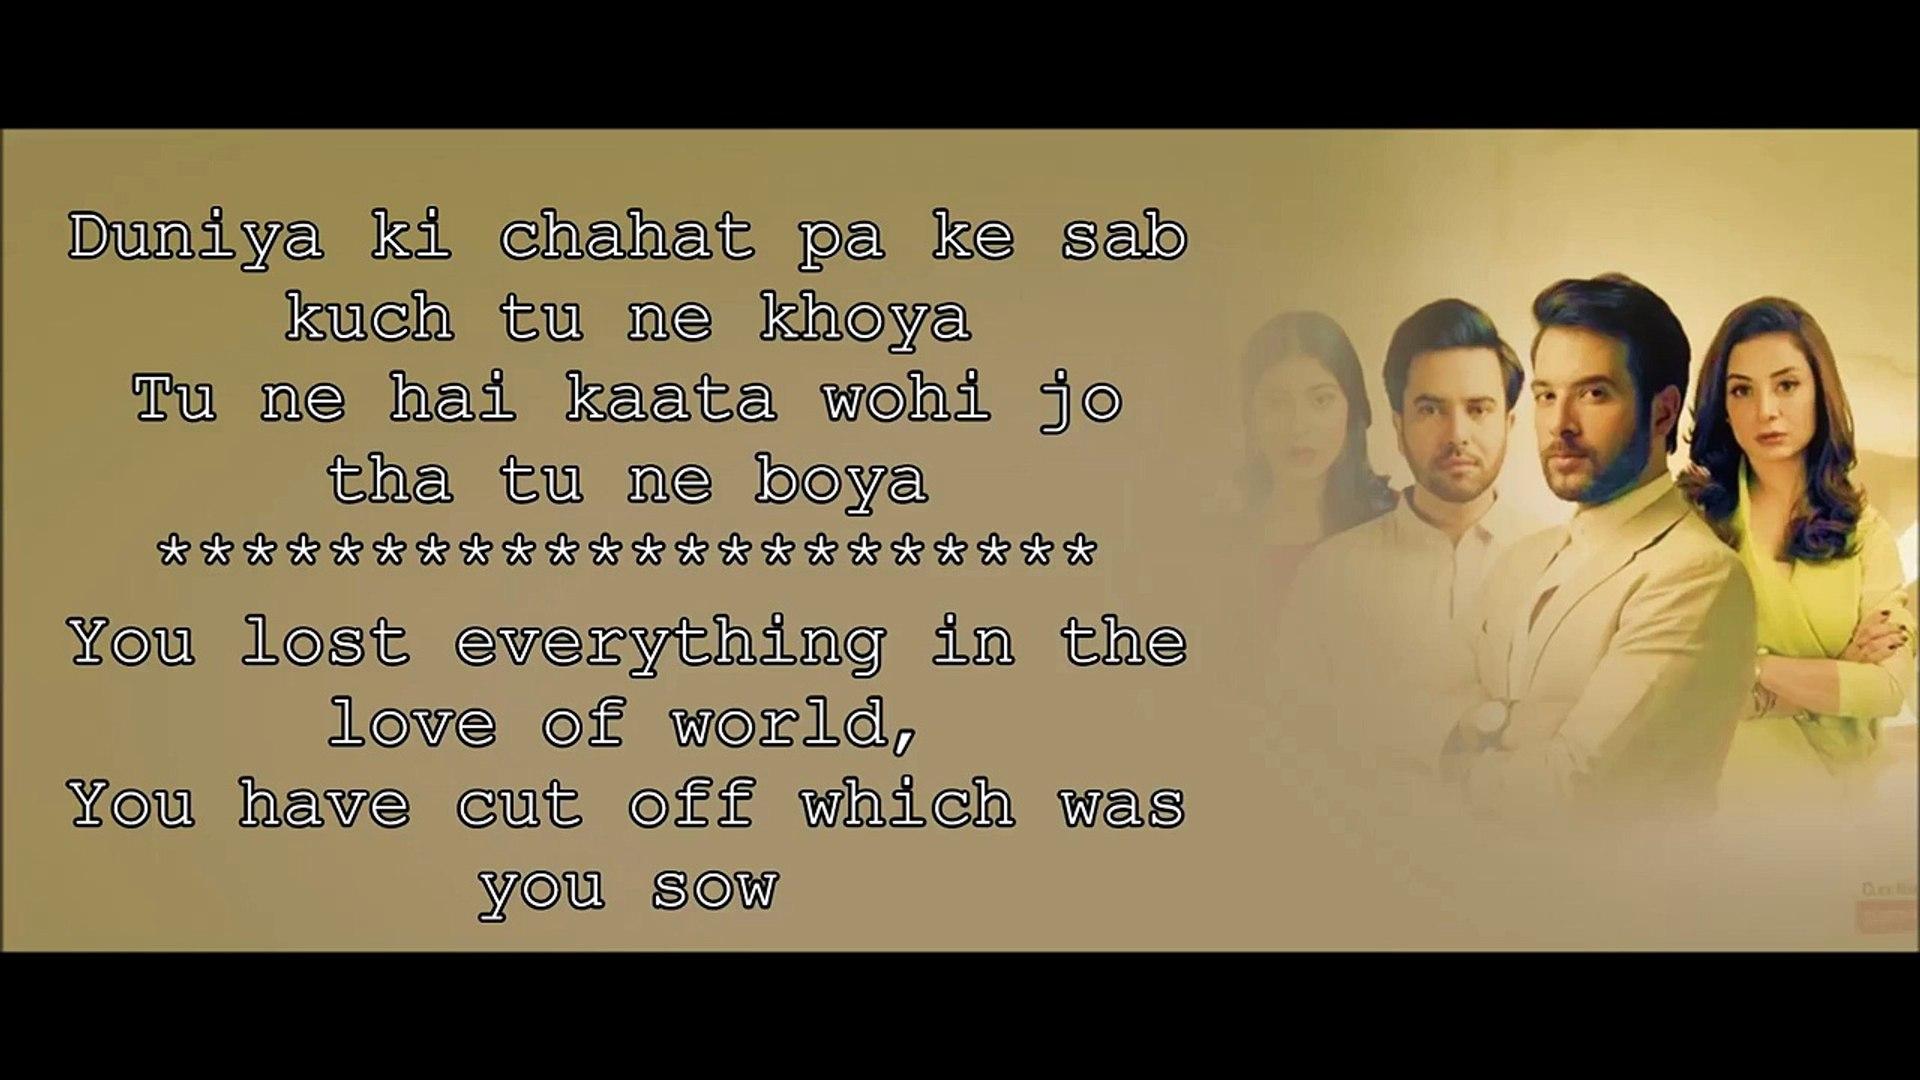 khasara (OST) - Rahat Fateh Ali Khan  Lyrics With Translation  Ary Digital Drama 2018